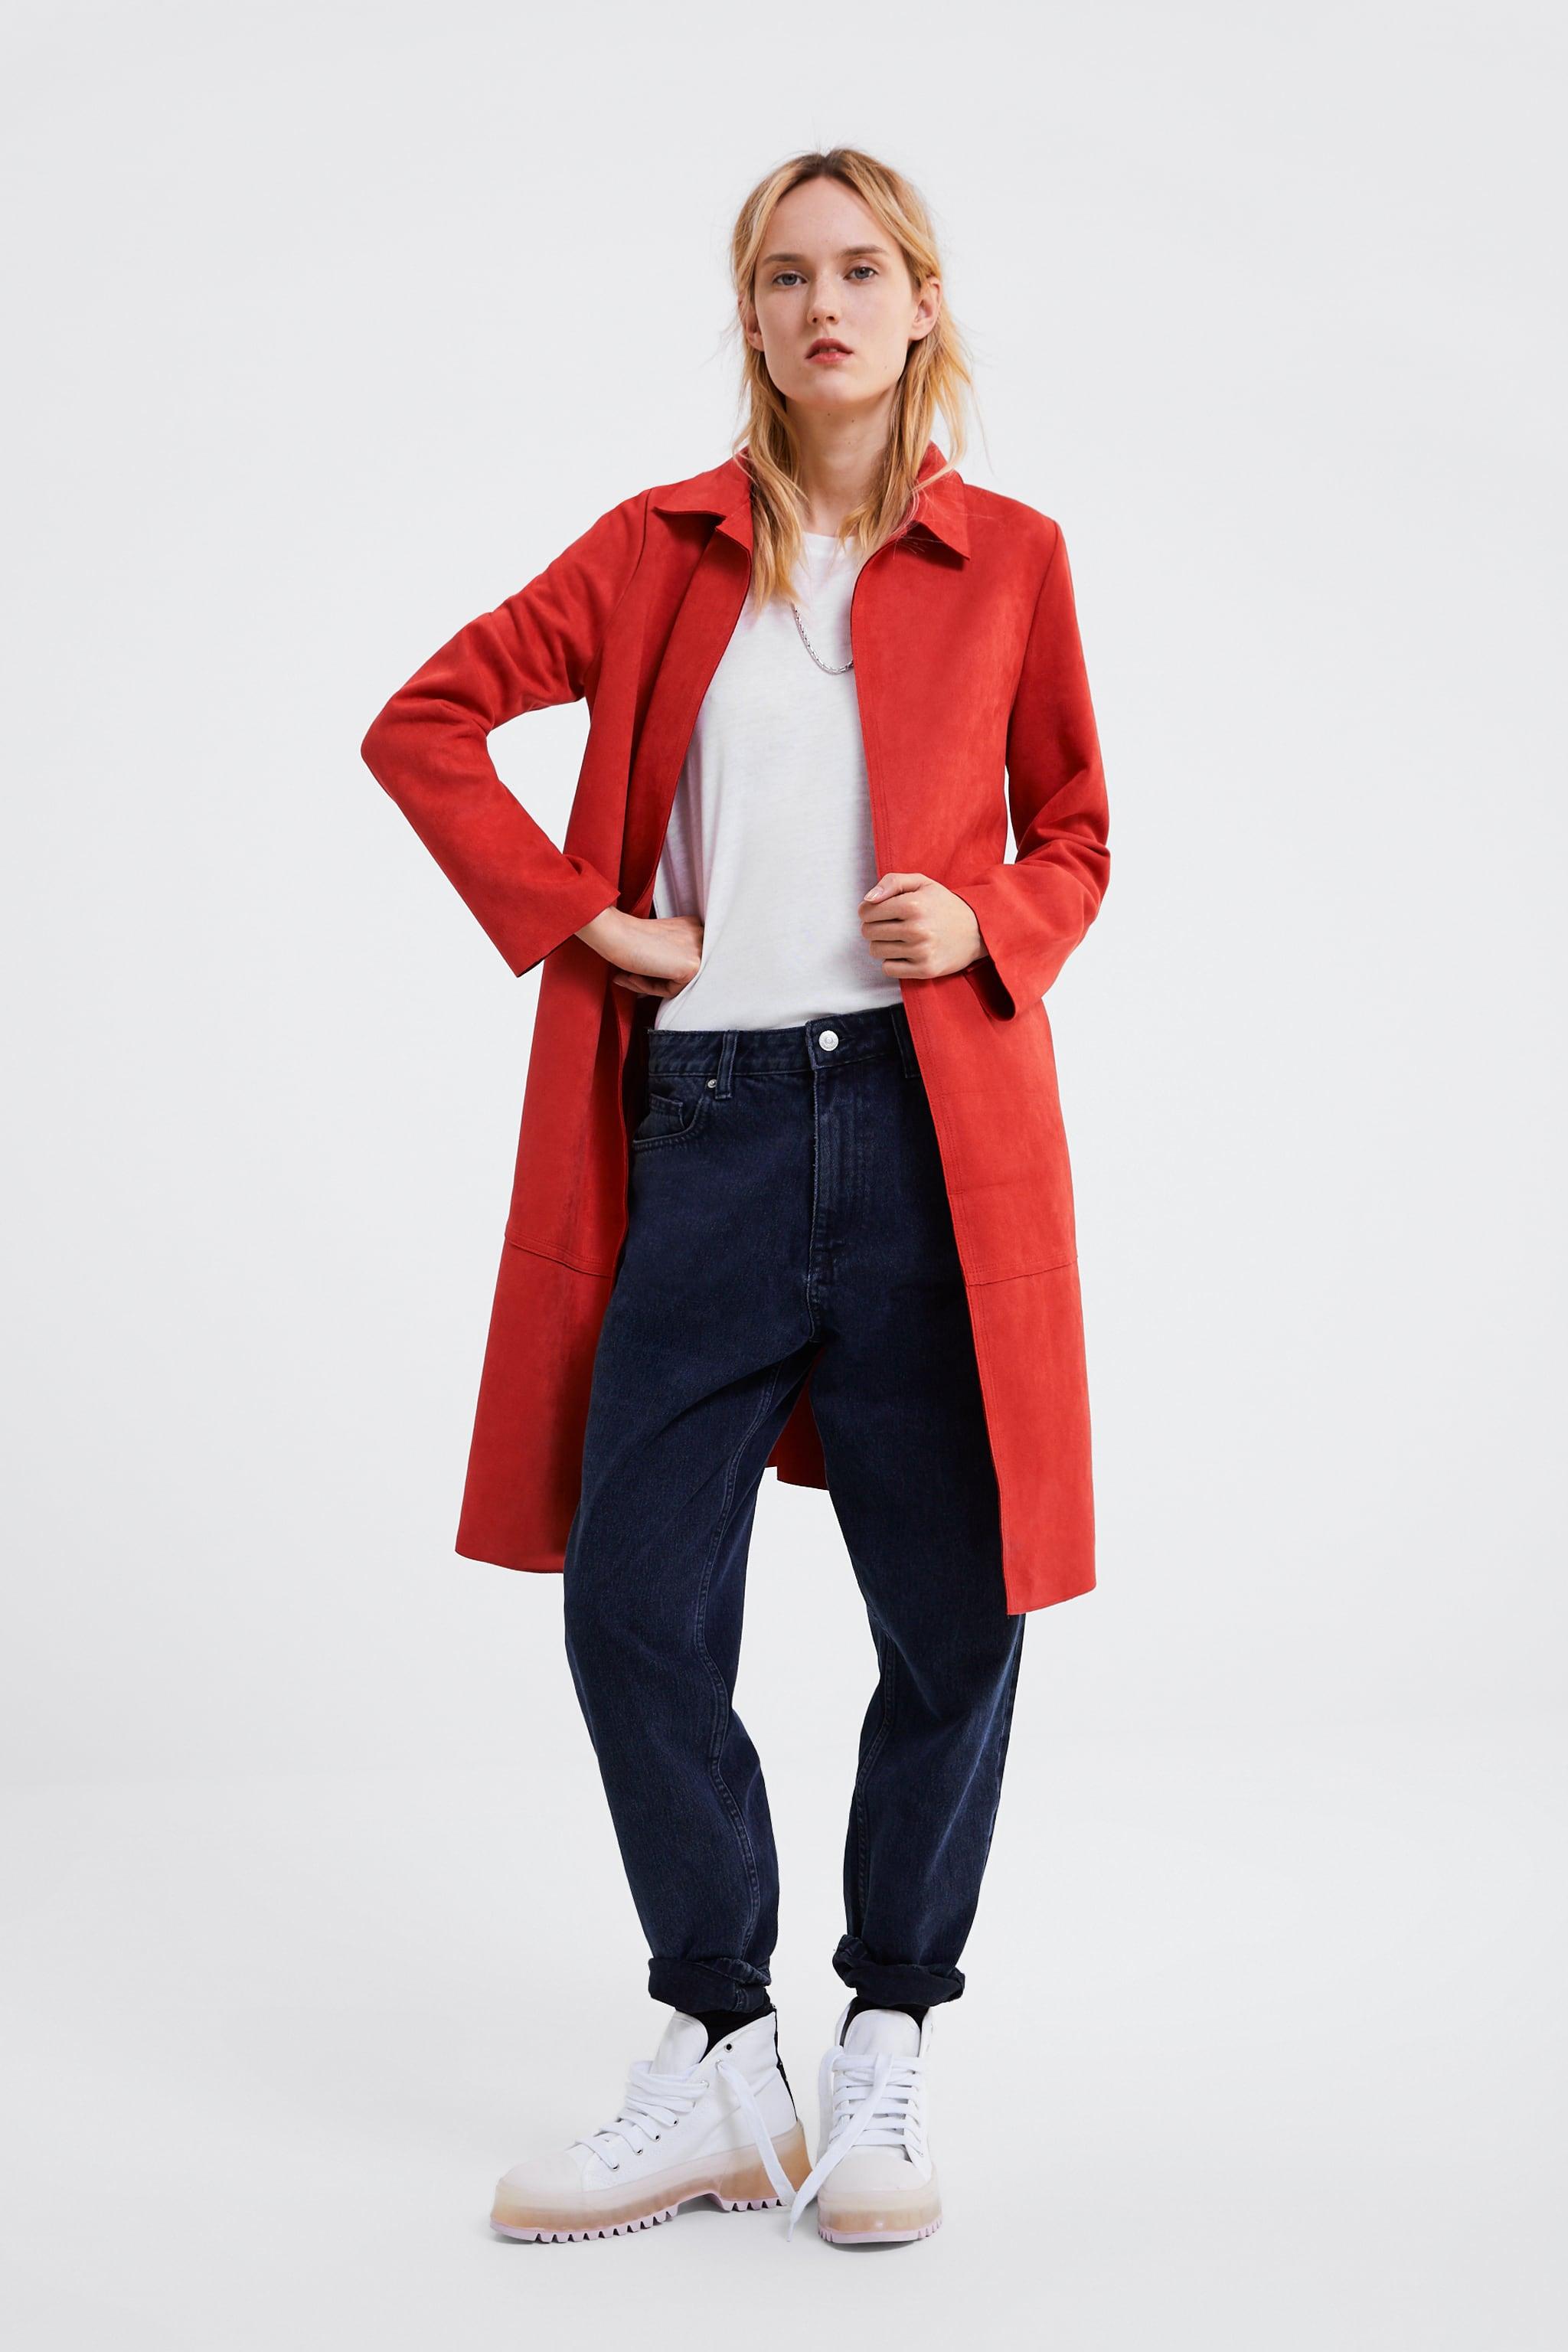 Zara SUEDE LOOK COAT